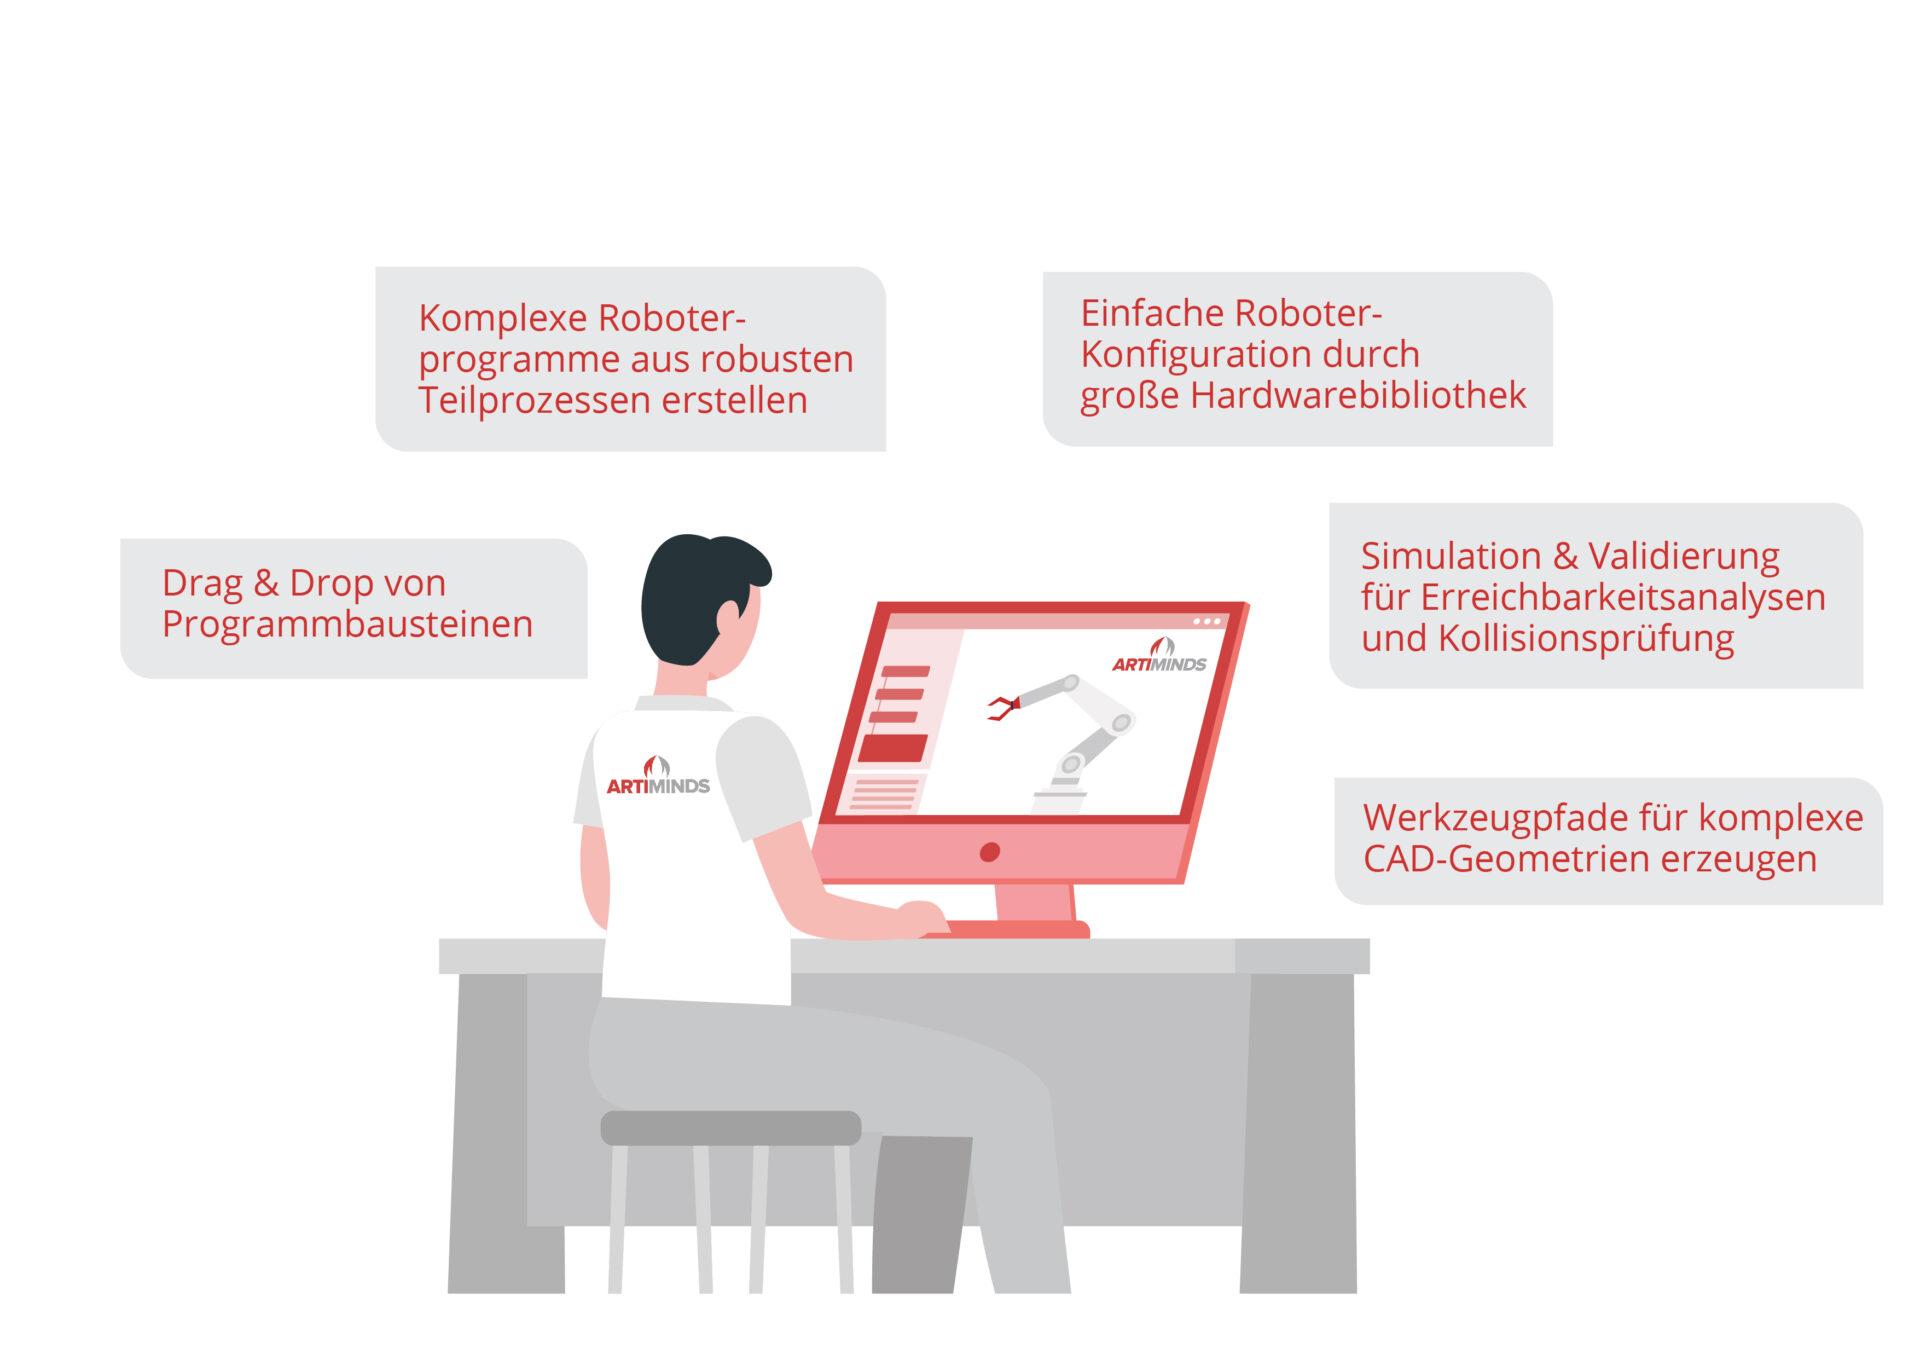 36717_ArtiMinds Robotics GmbH_Illustrationen_Final_Beschriftung rot_Büro